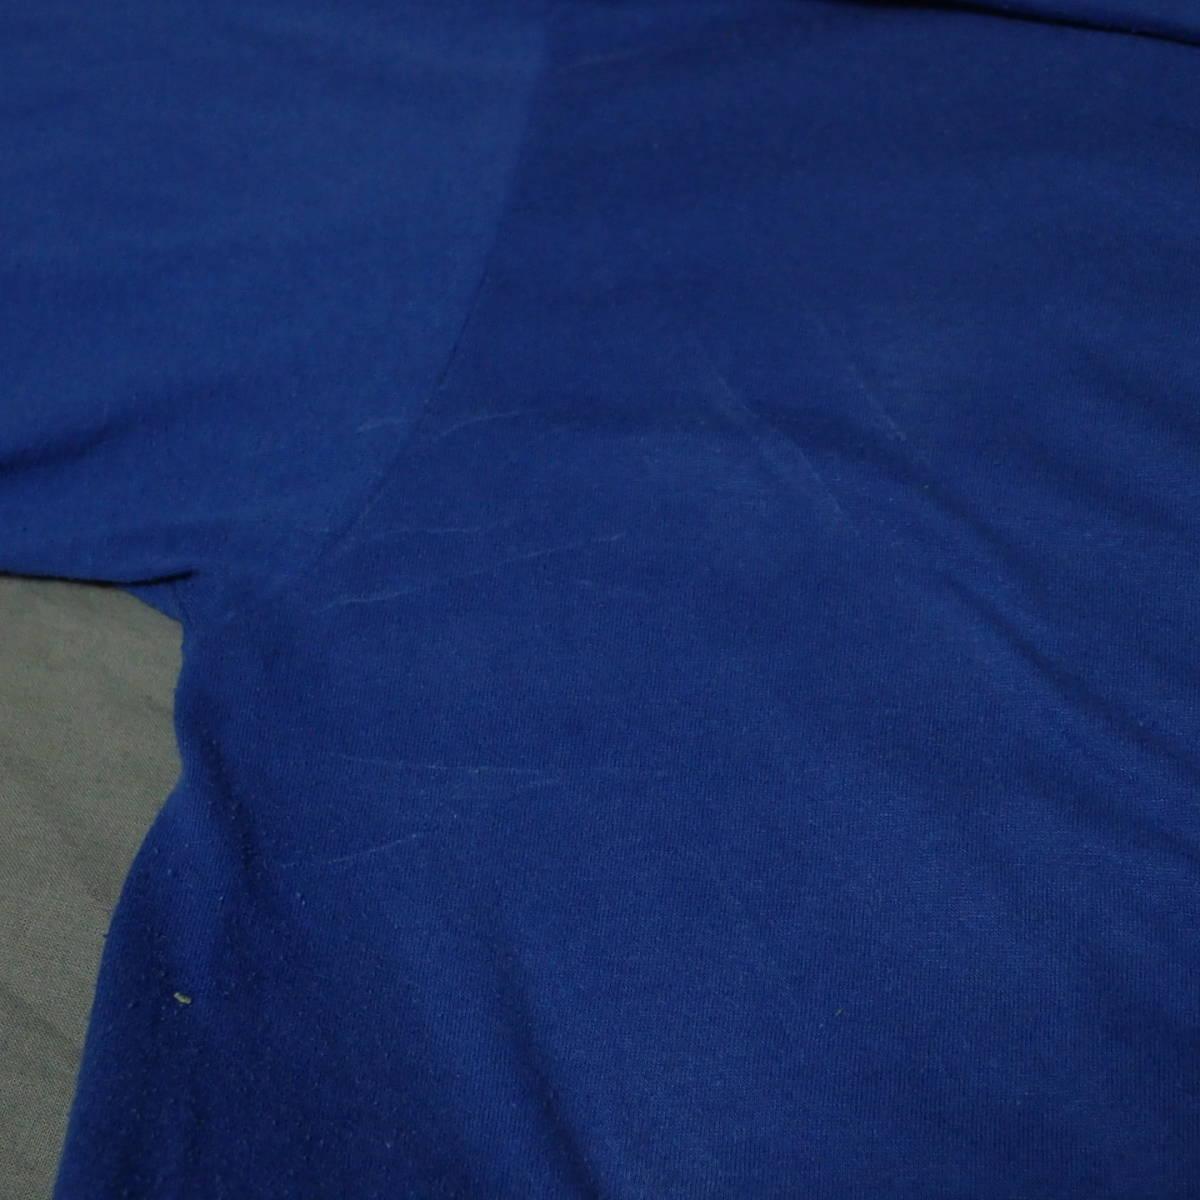 ■ 90s CLOCKWORK ORANGE Vintage T-shirt ■ 時計じかけのオレンジ ヴィンテージ Tシャツ 当時物 本物 映画 ムービー_画像9